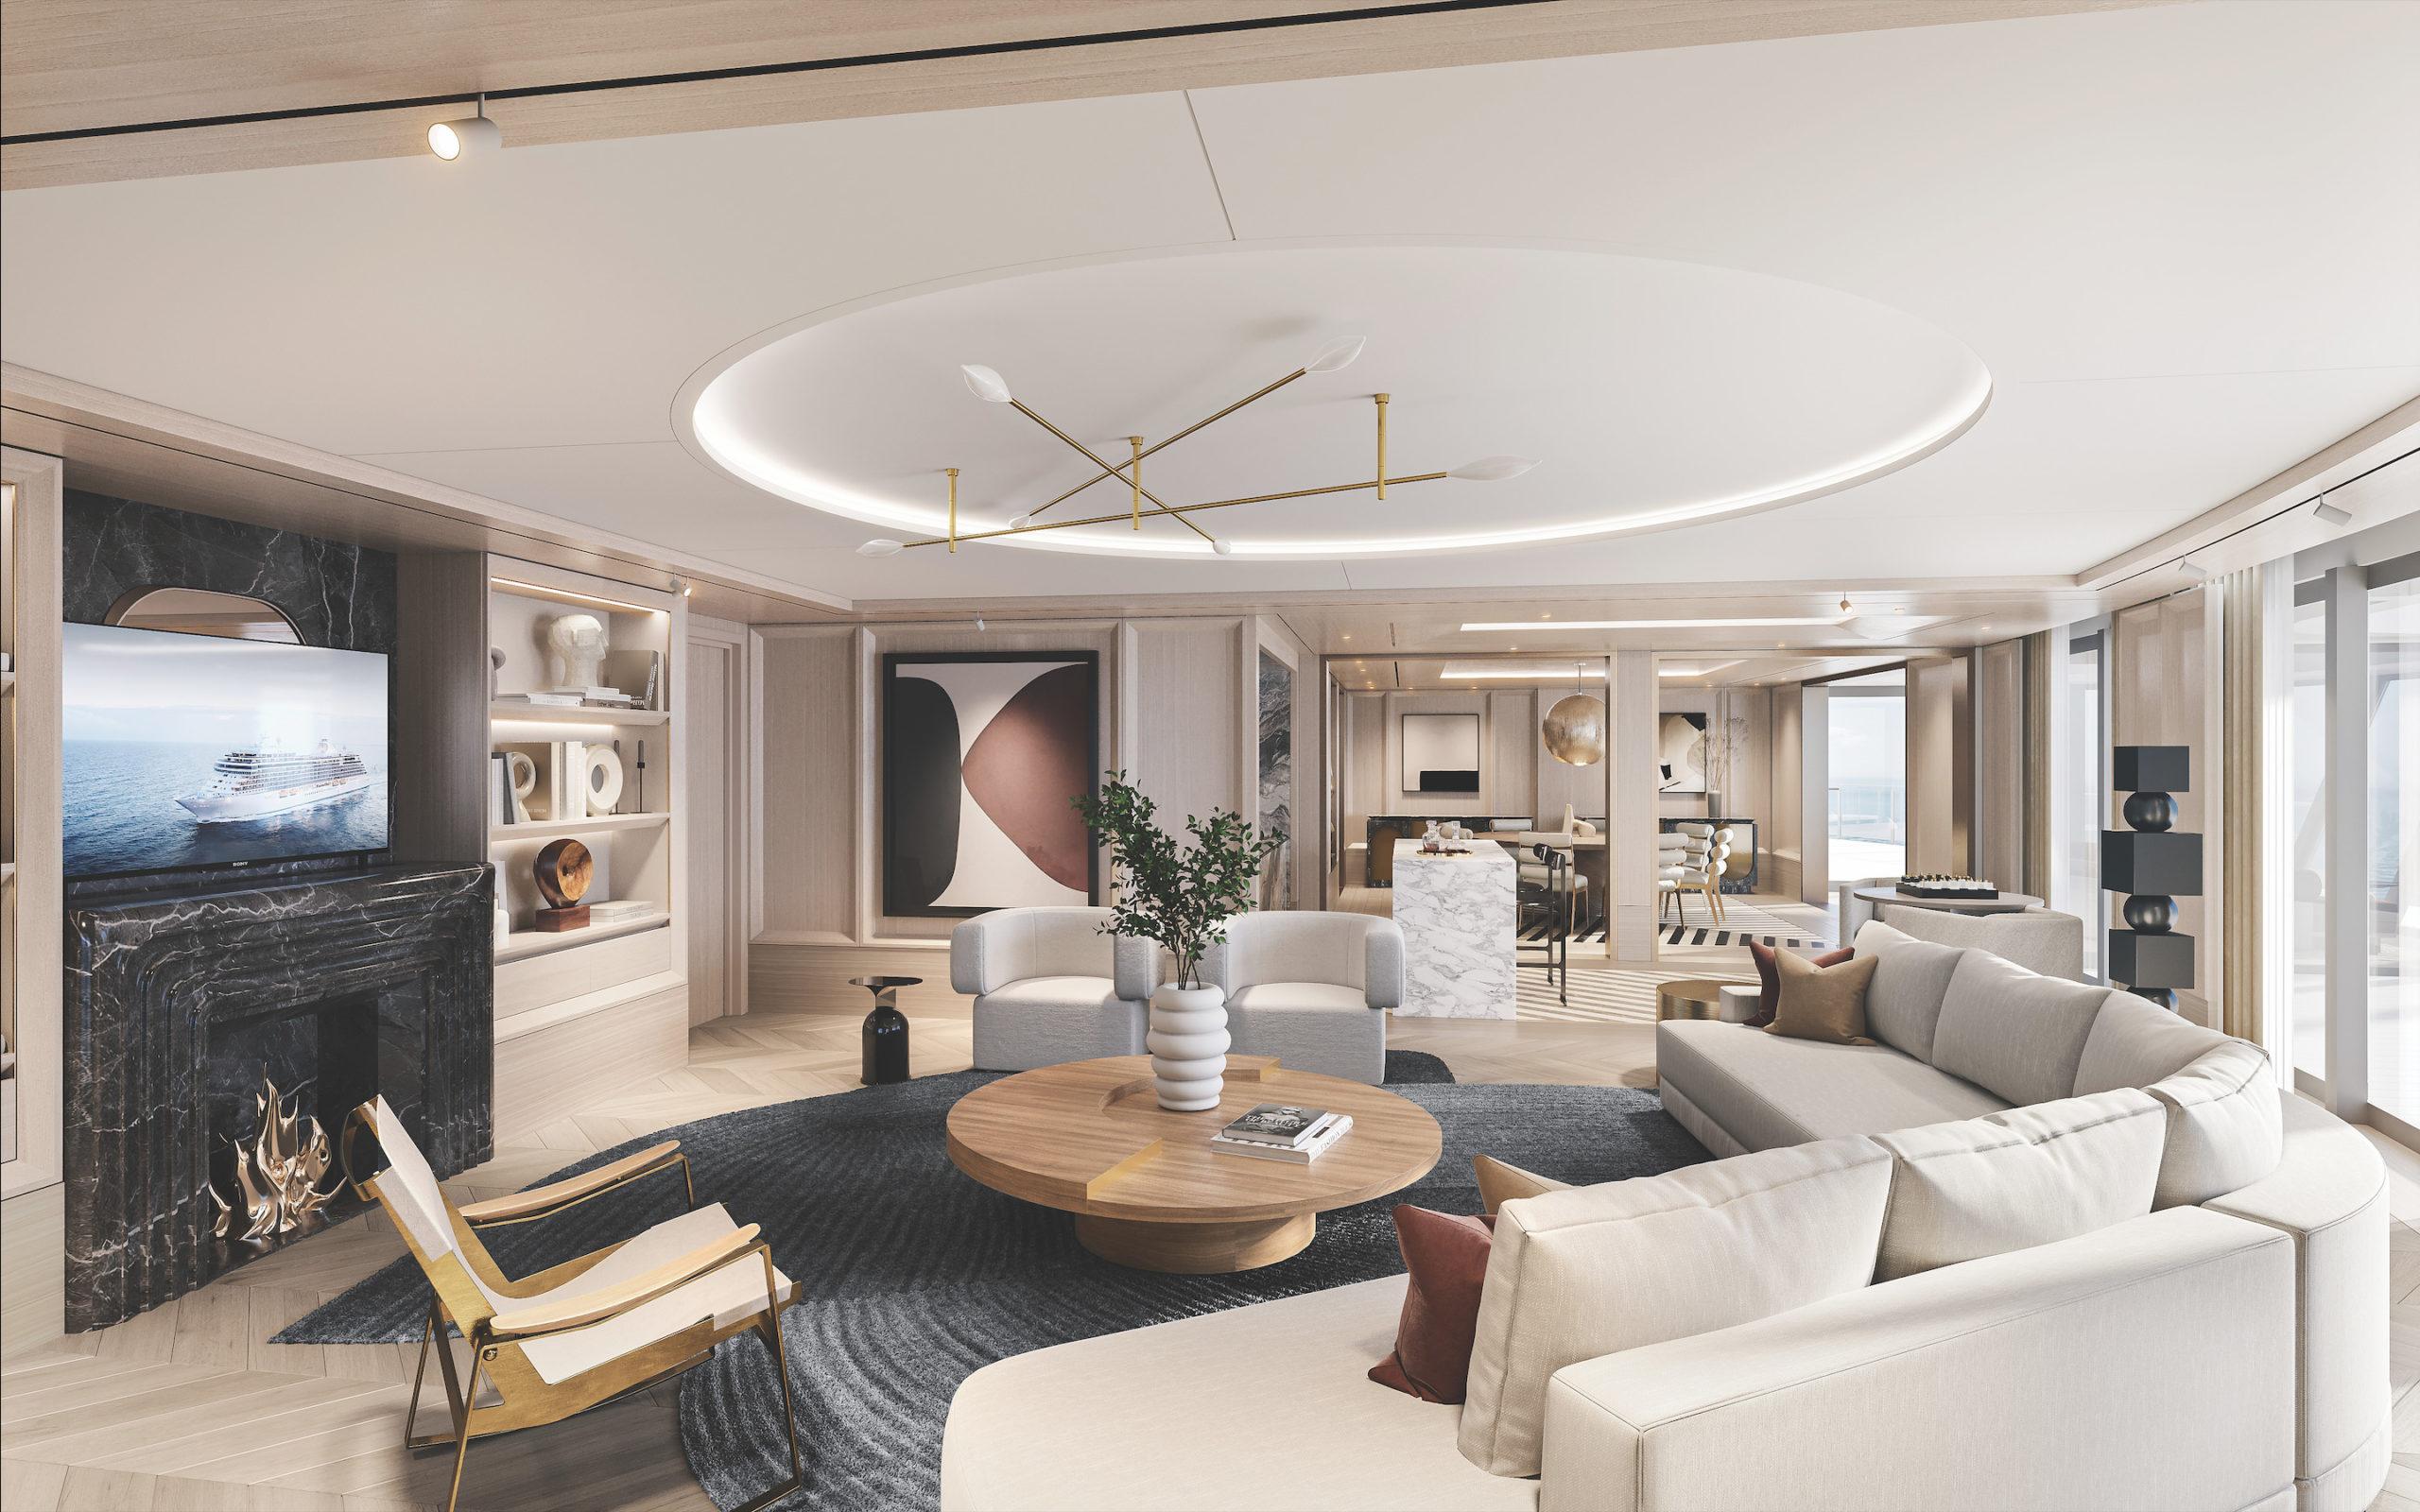 Regent Seven Seas Cruises ofrece la suite más lujosa en altamar por 11 mil dólares la noche